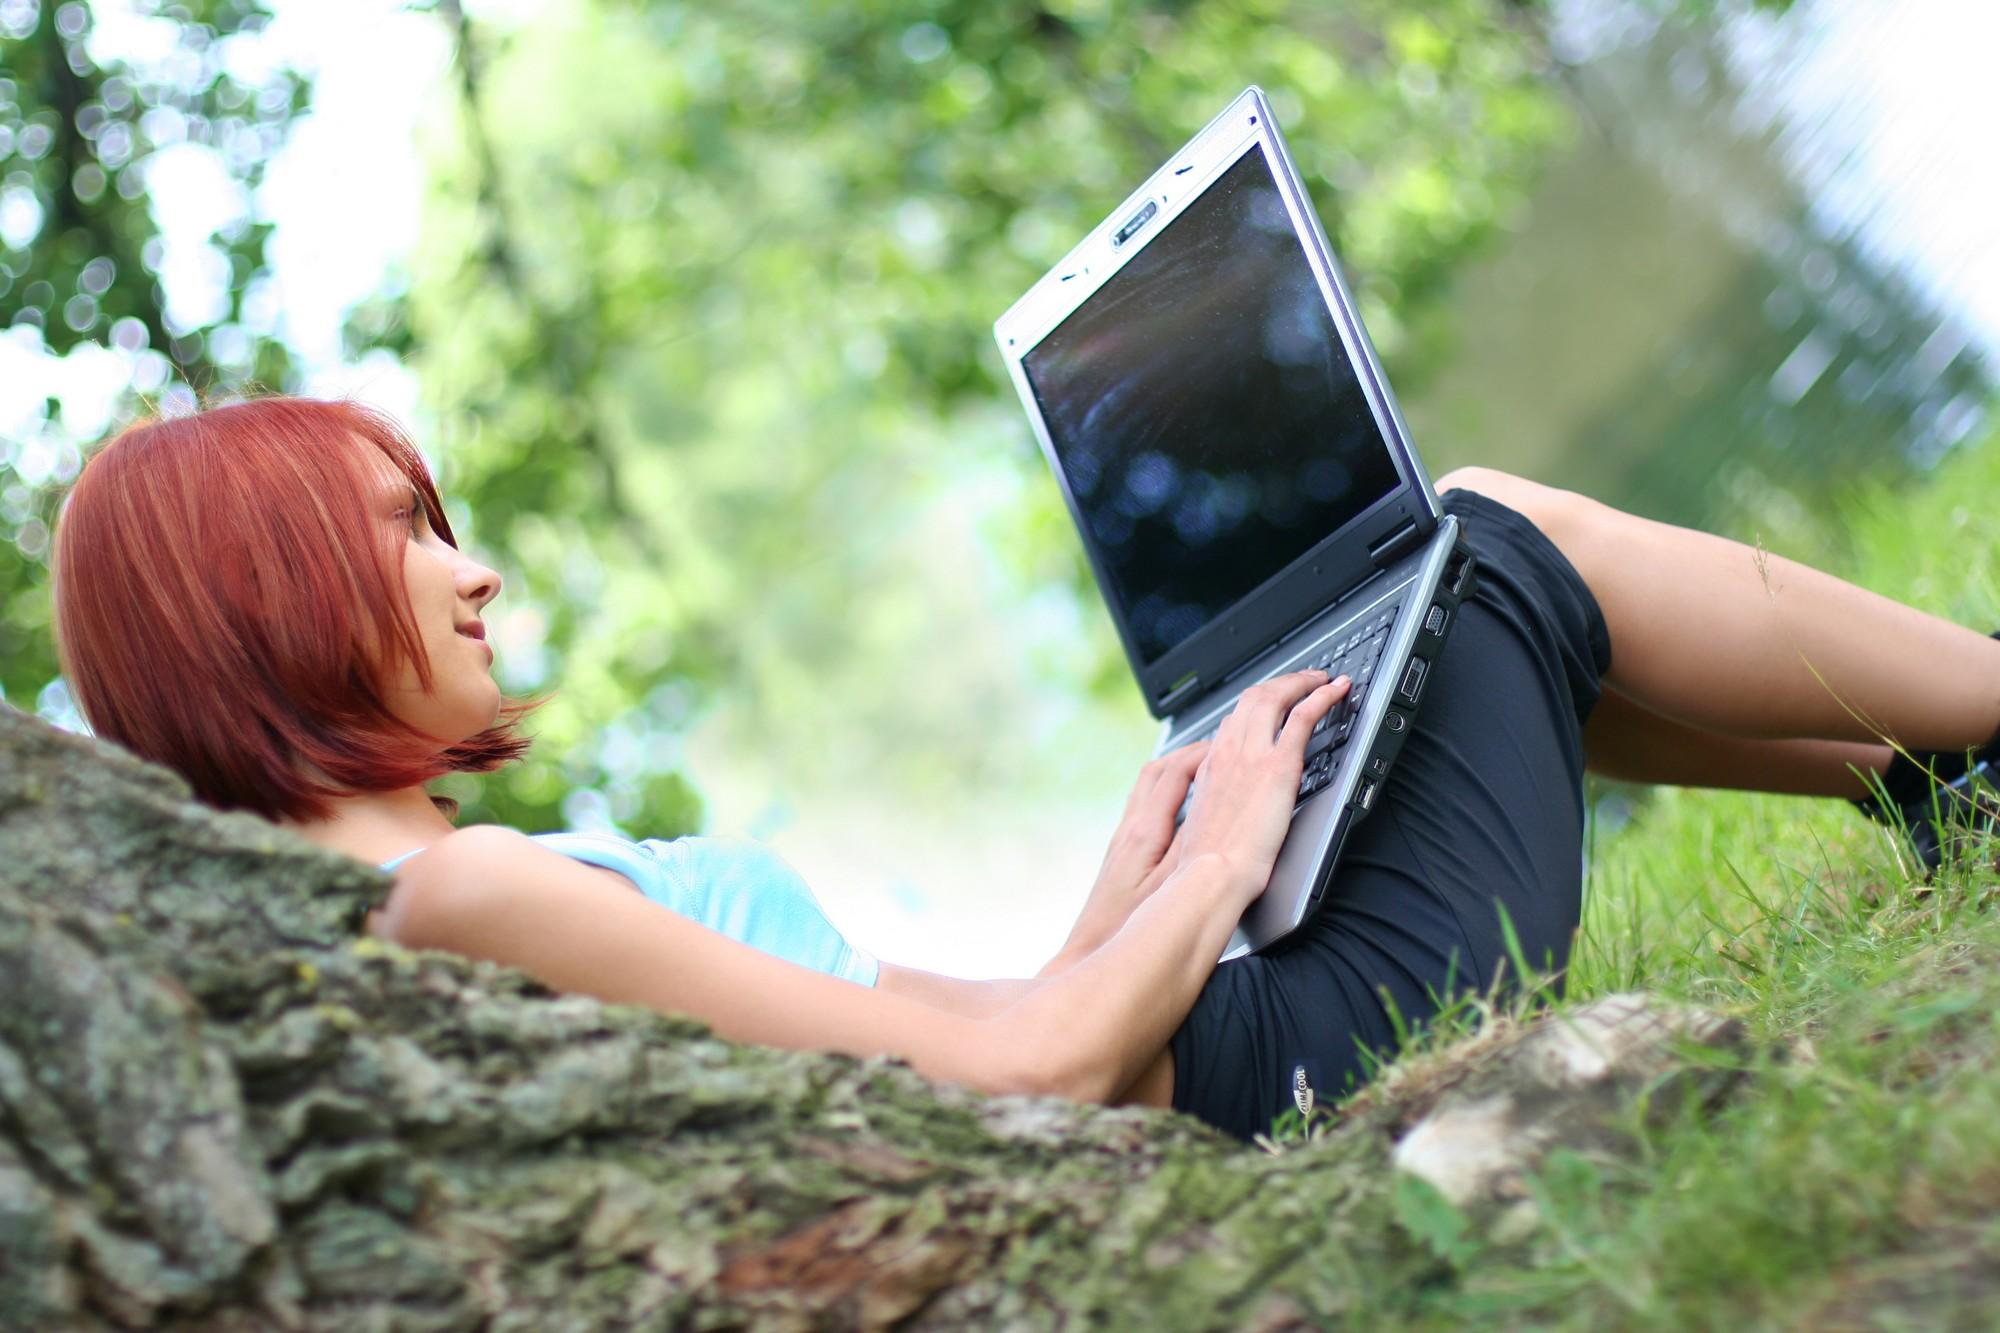 Кількість віддалених вакансій на IT-ринку зросла в 4 рази за 2020 рік